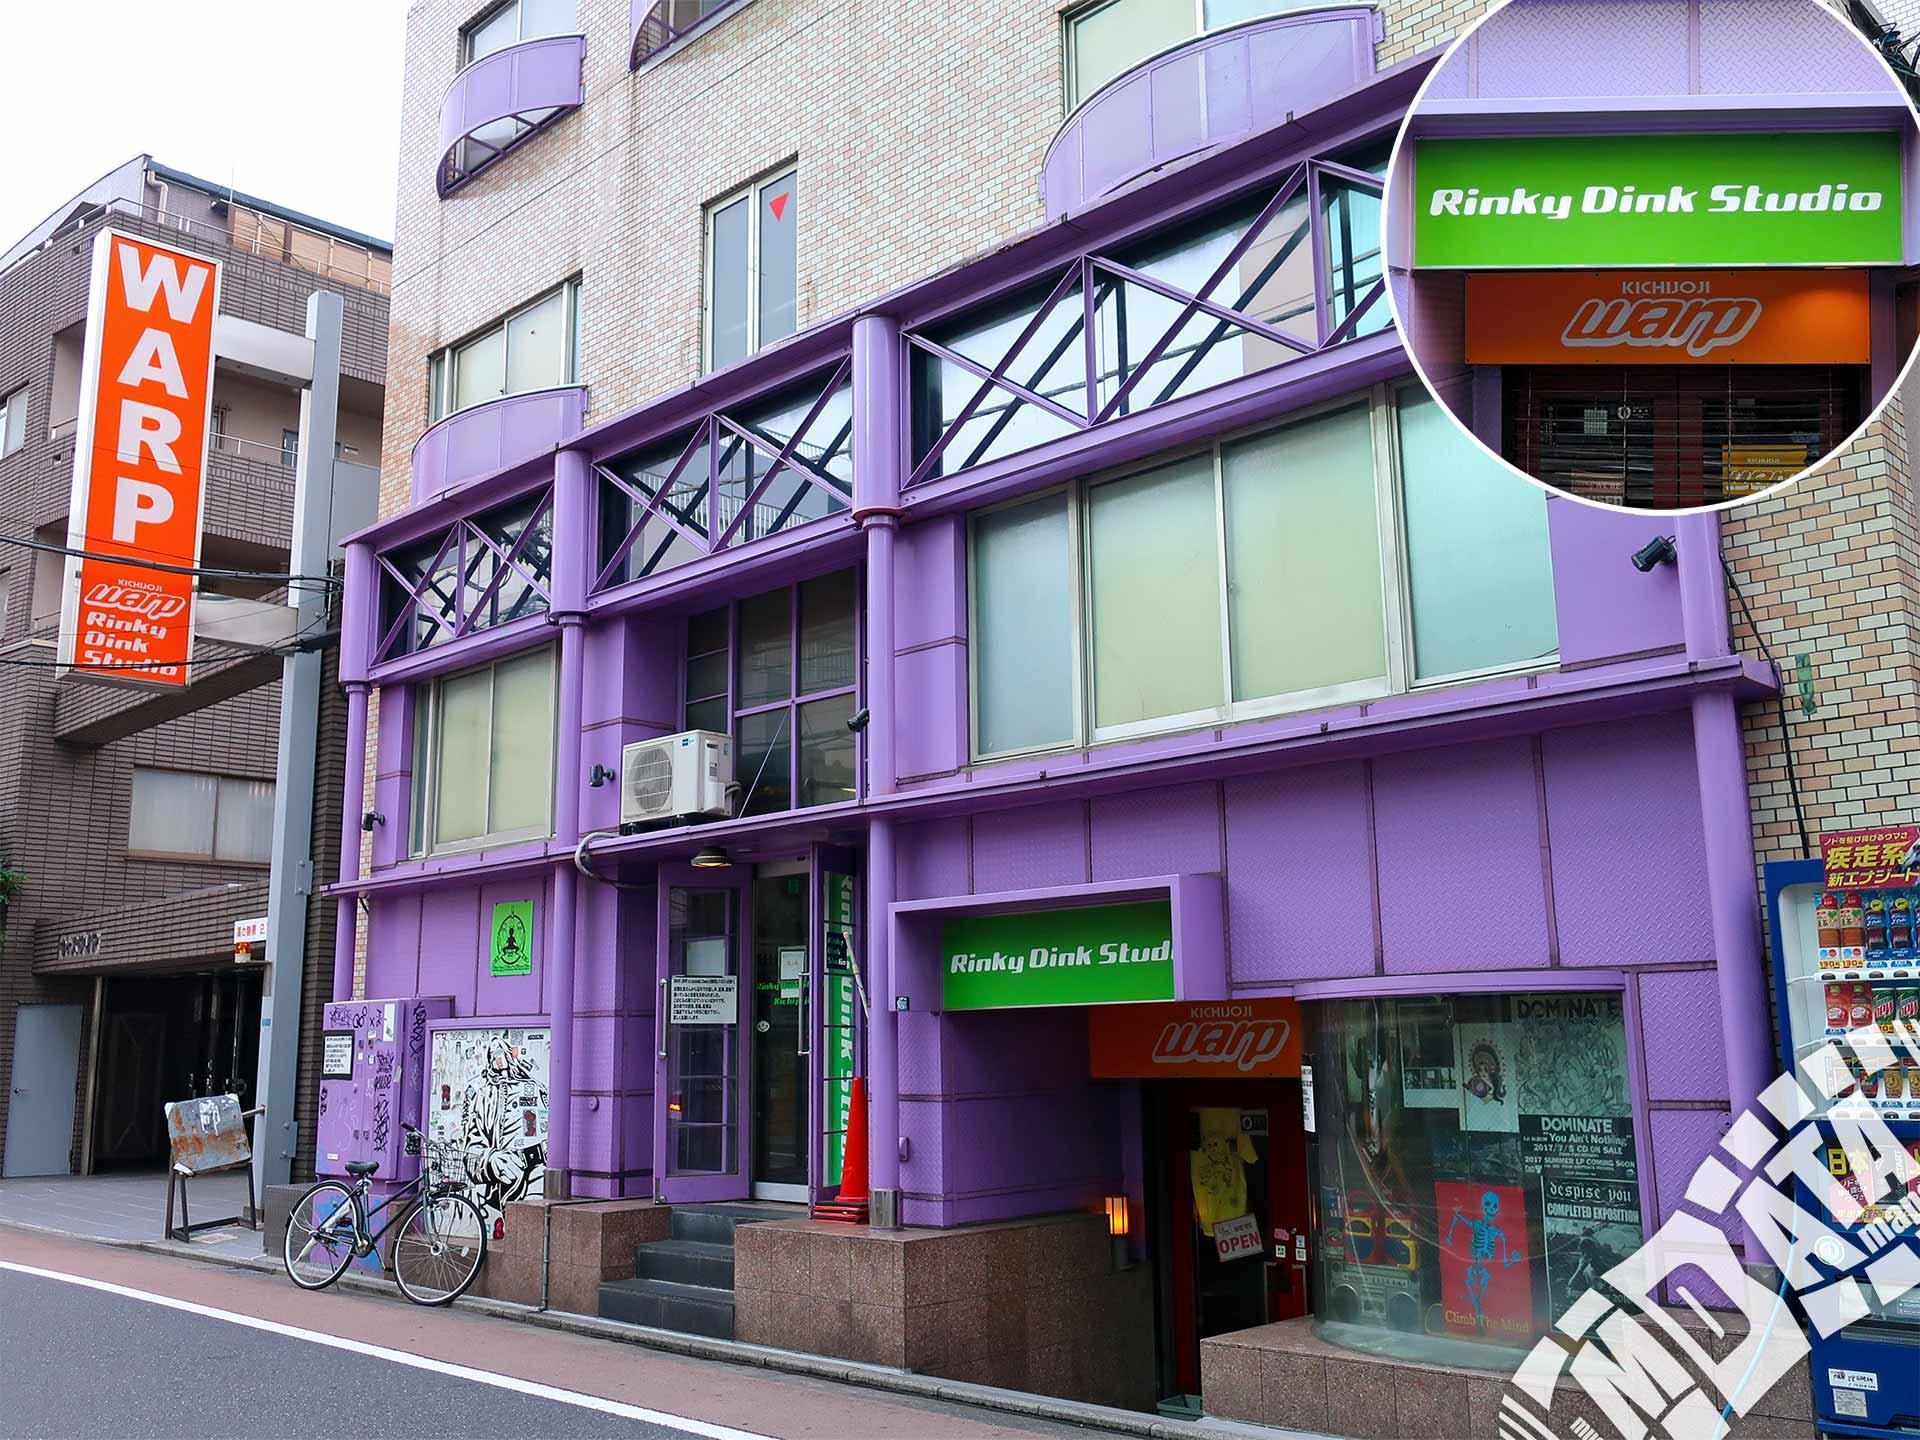 Rinky Dink Studio 吉祥寺WARP店